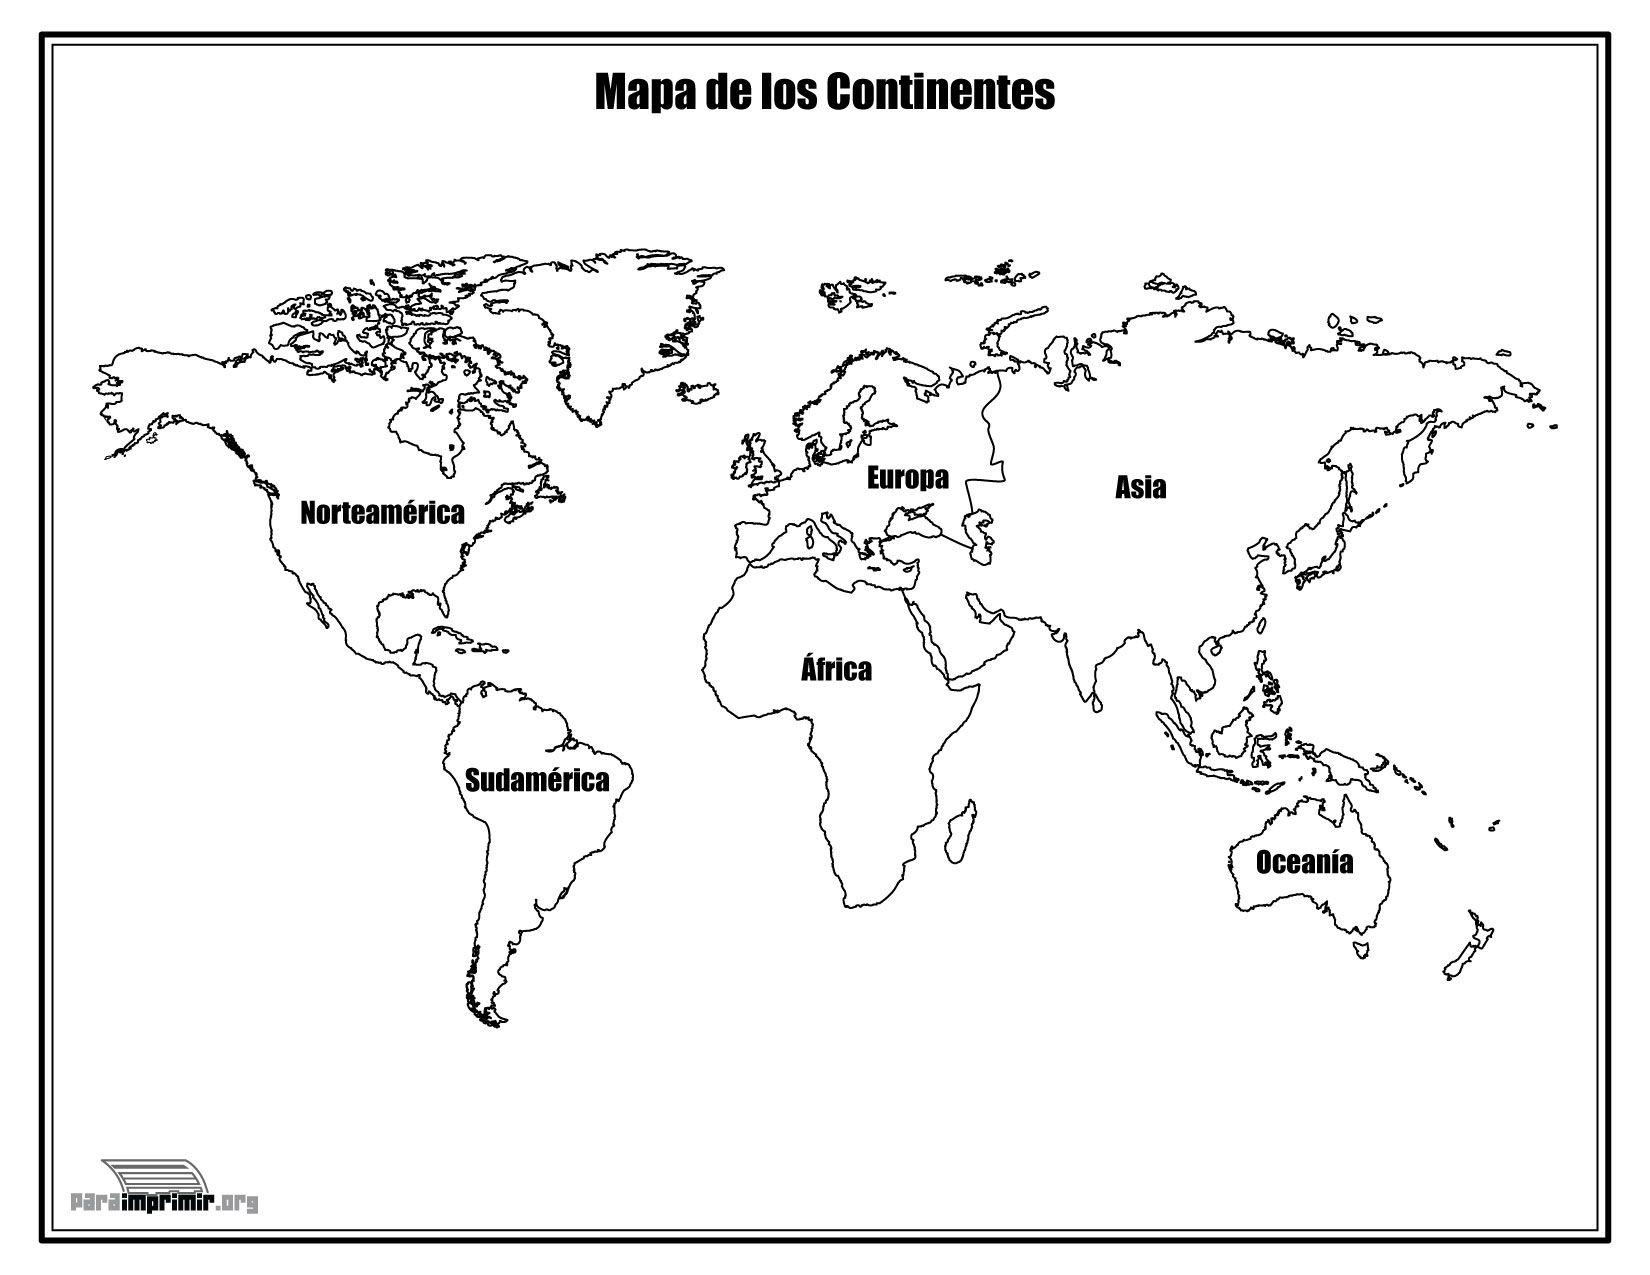 Mapa De Los Continentes Con Nombres Para Colorear Y Para Imprimir